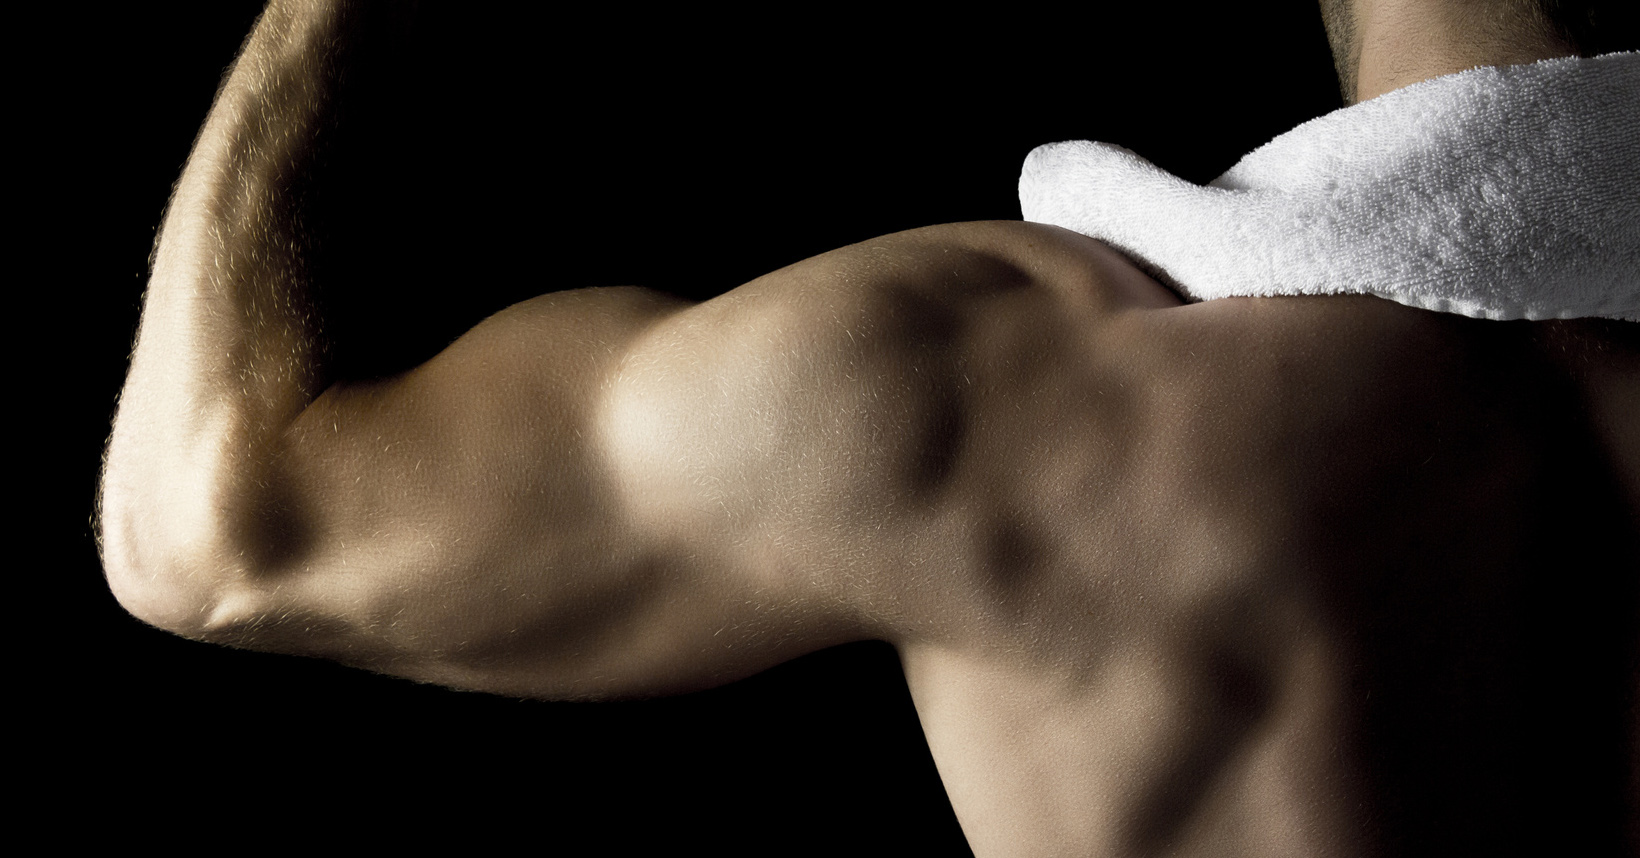 vad händer när man styrketränar